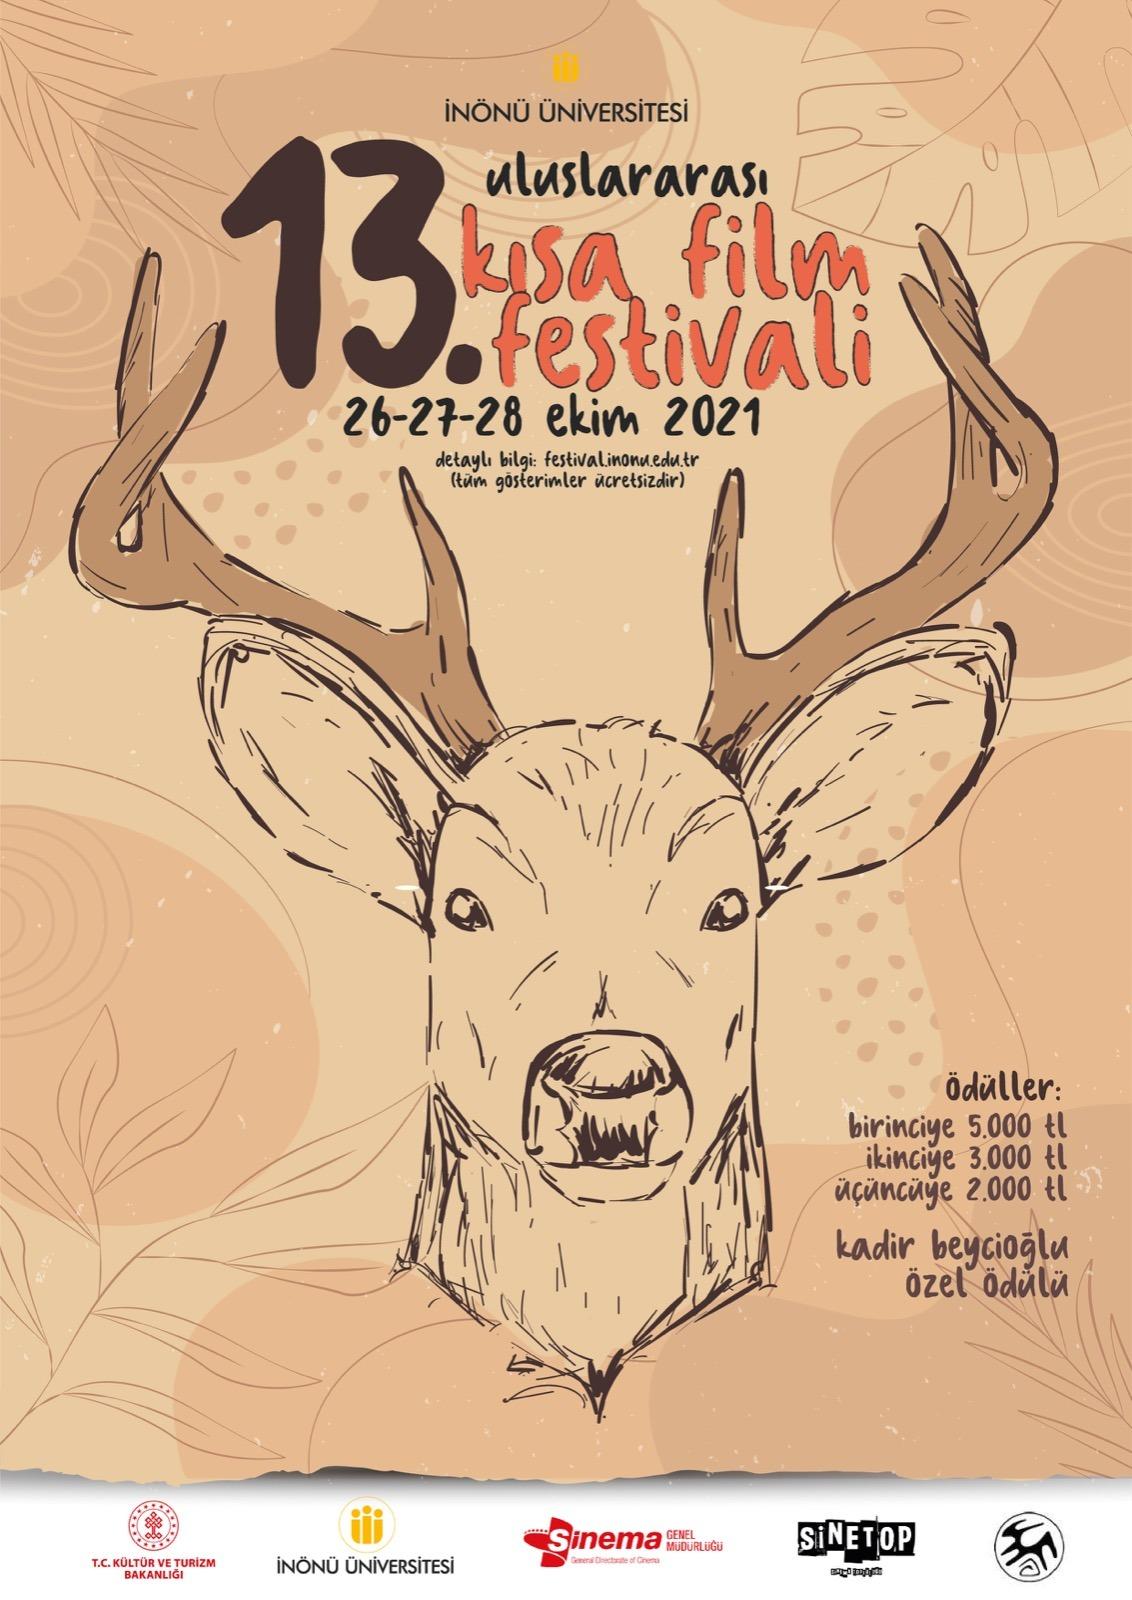 Afiş - İnönü Üniversitesi 13. Uluslararası Kısa Film Festivali.jpg